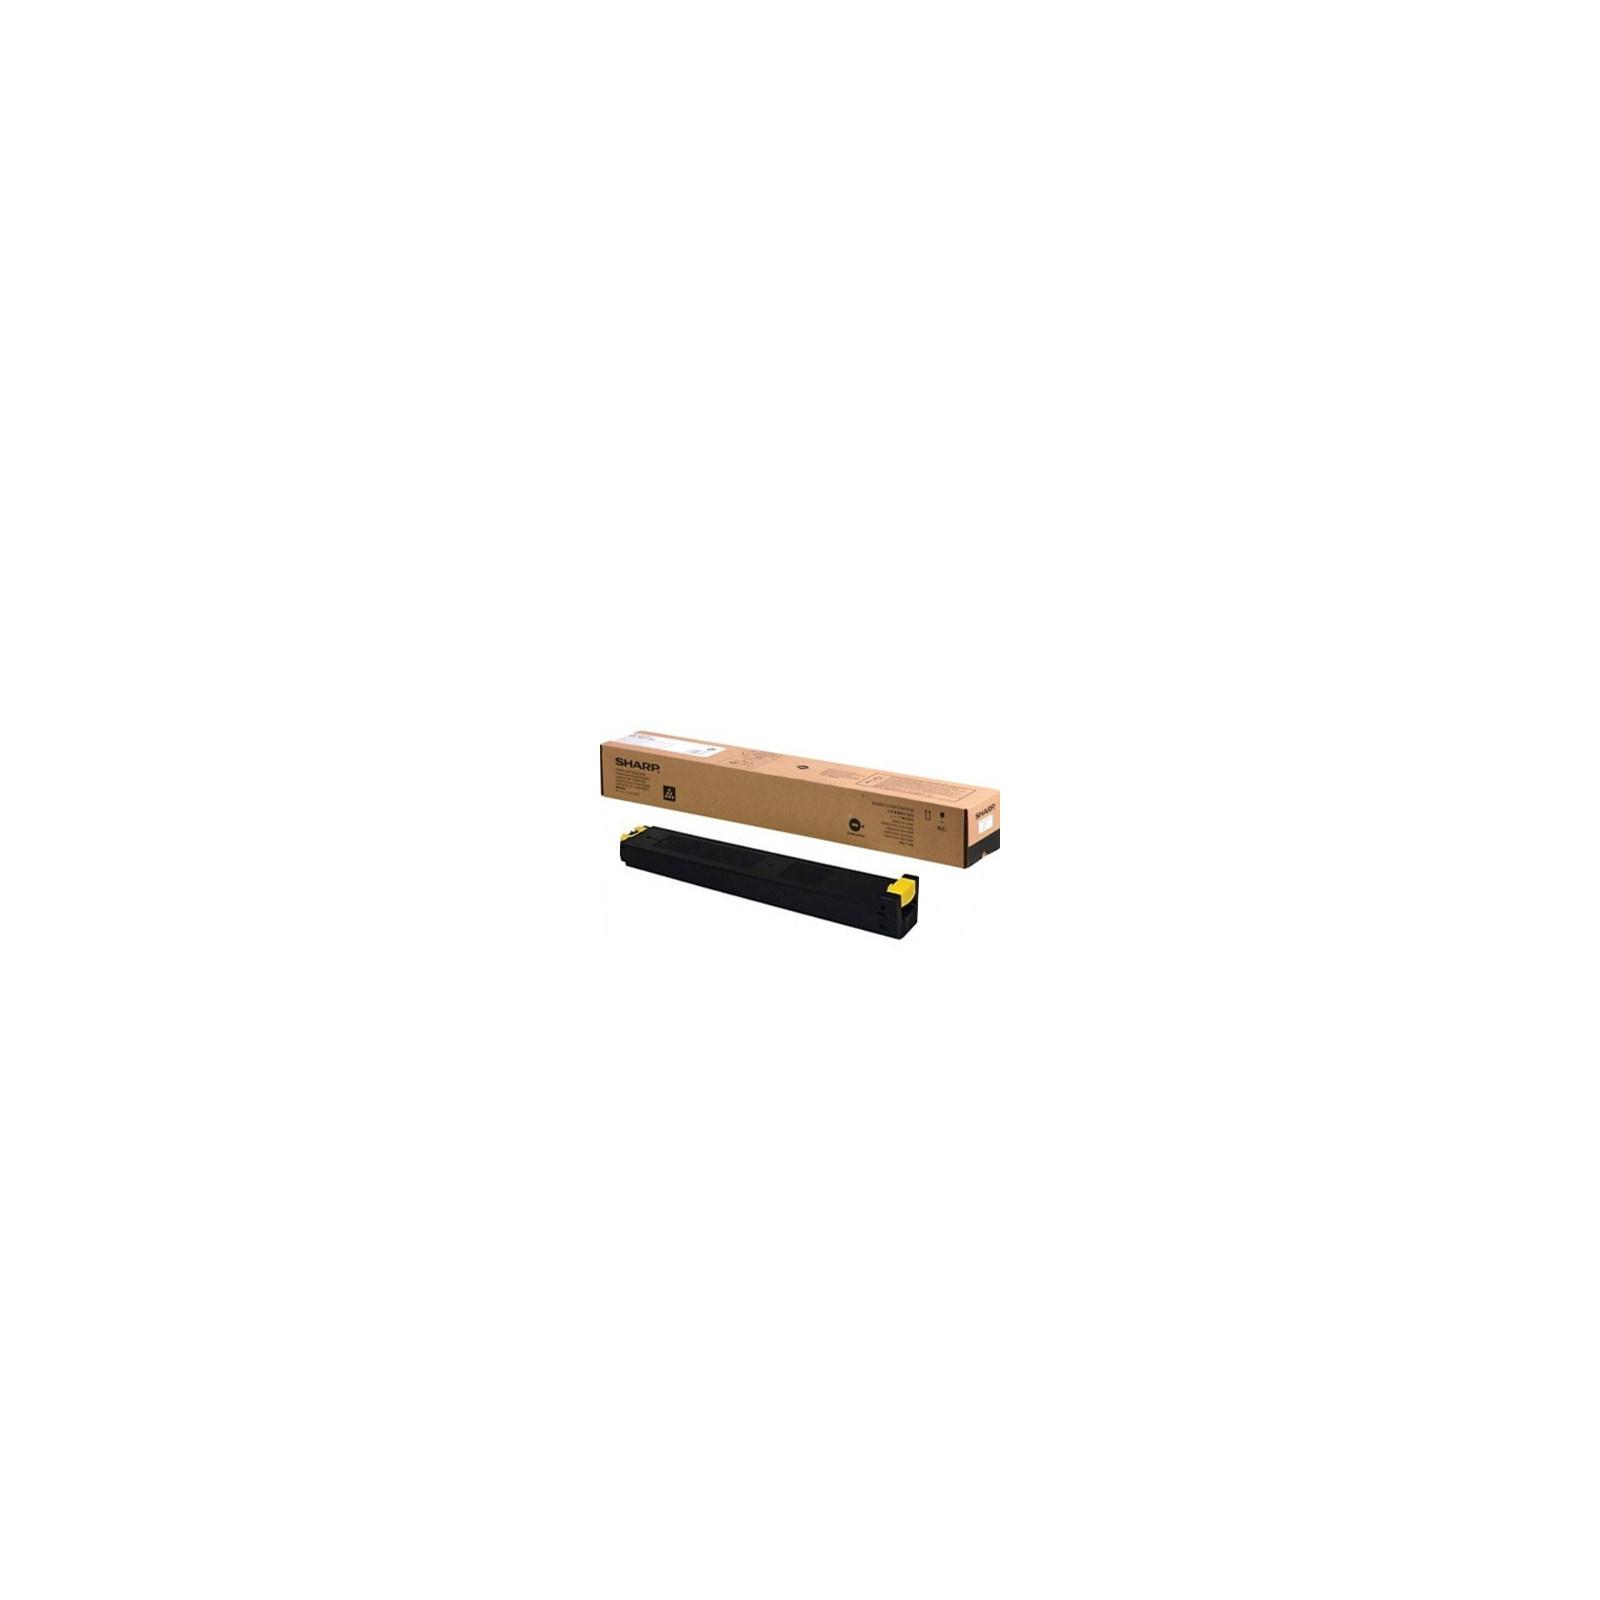 Тонер-картридж SHARP MX36GTYA (15K)Yellow MX-2610N/3110N (MX-36GTYA)